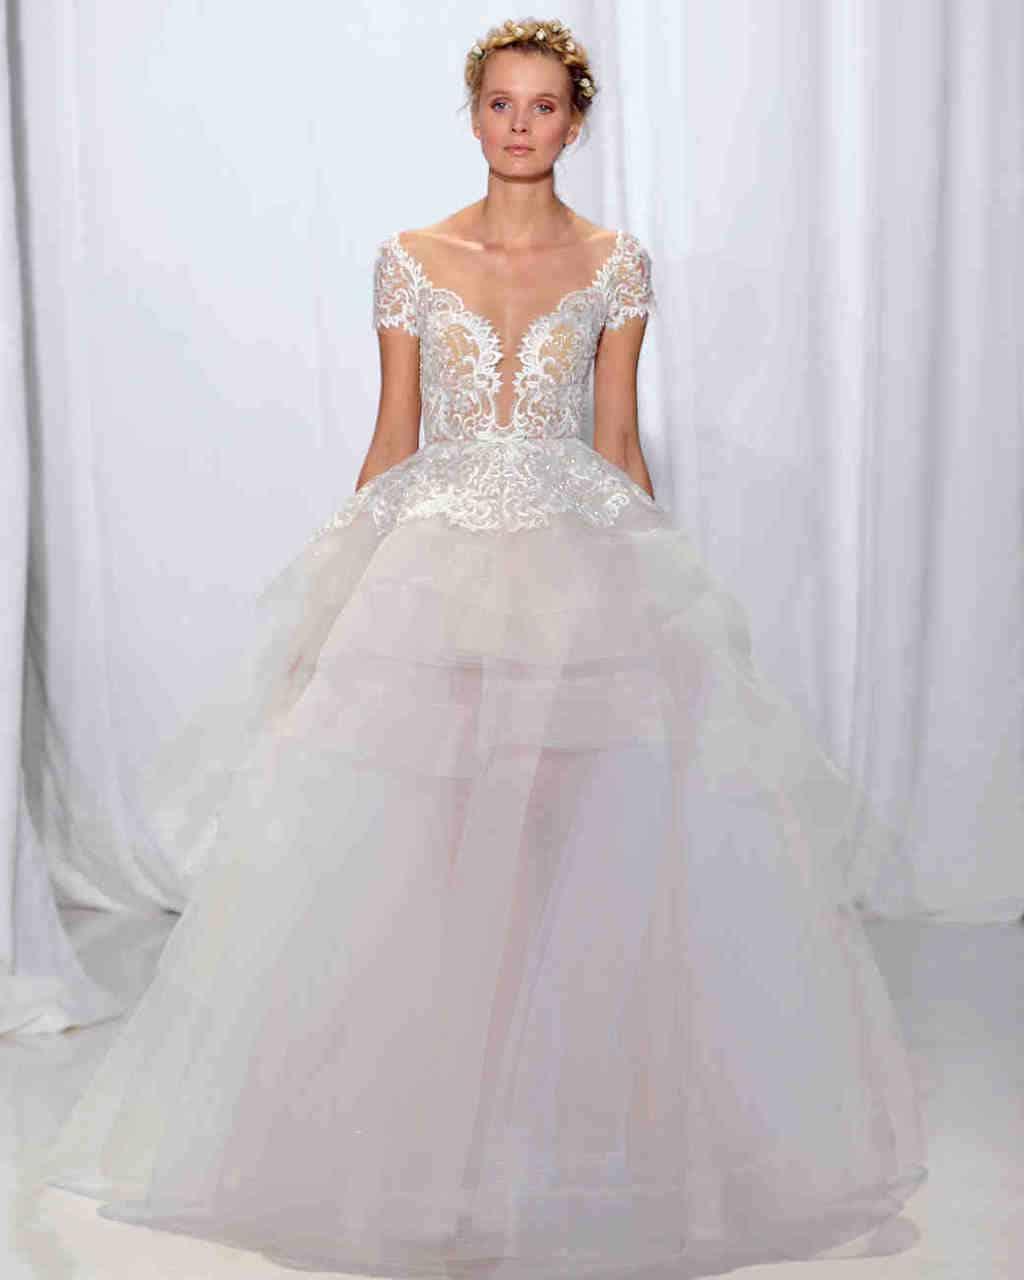 reem-acra-wedding-dress-fall2017-6203351-022_vert